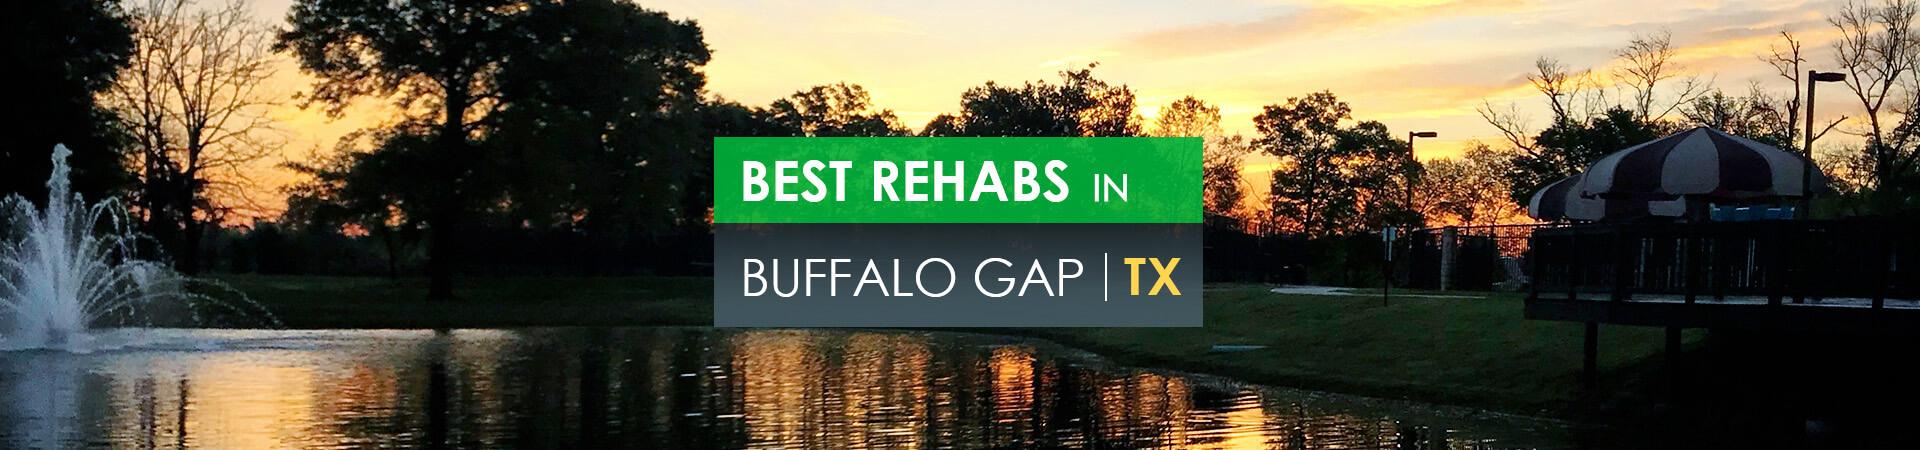 Best rehabs in Buffalo Gap, TX